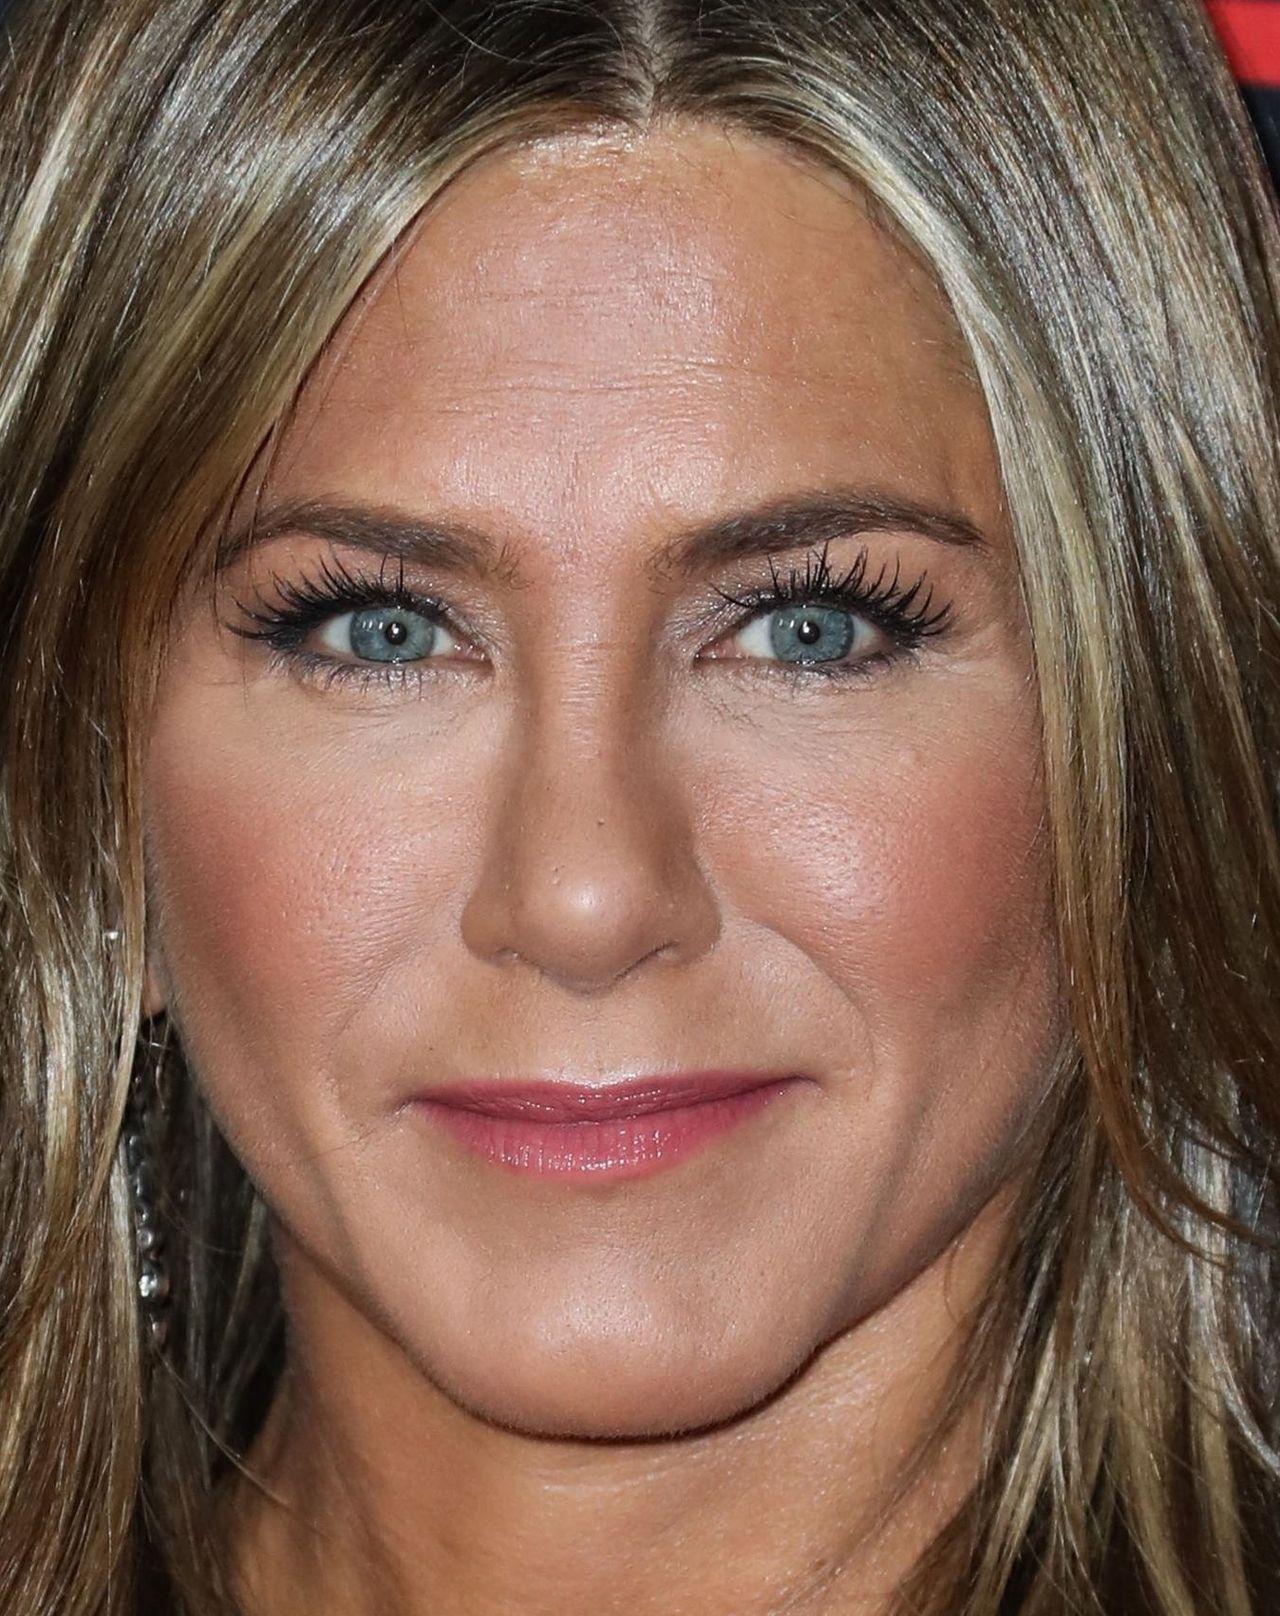 Jennifer Aniston bez zmarszczek, a za dwa miesiące 50 urodziny! (ZDJĘCIA)